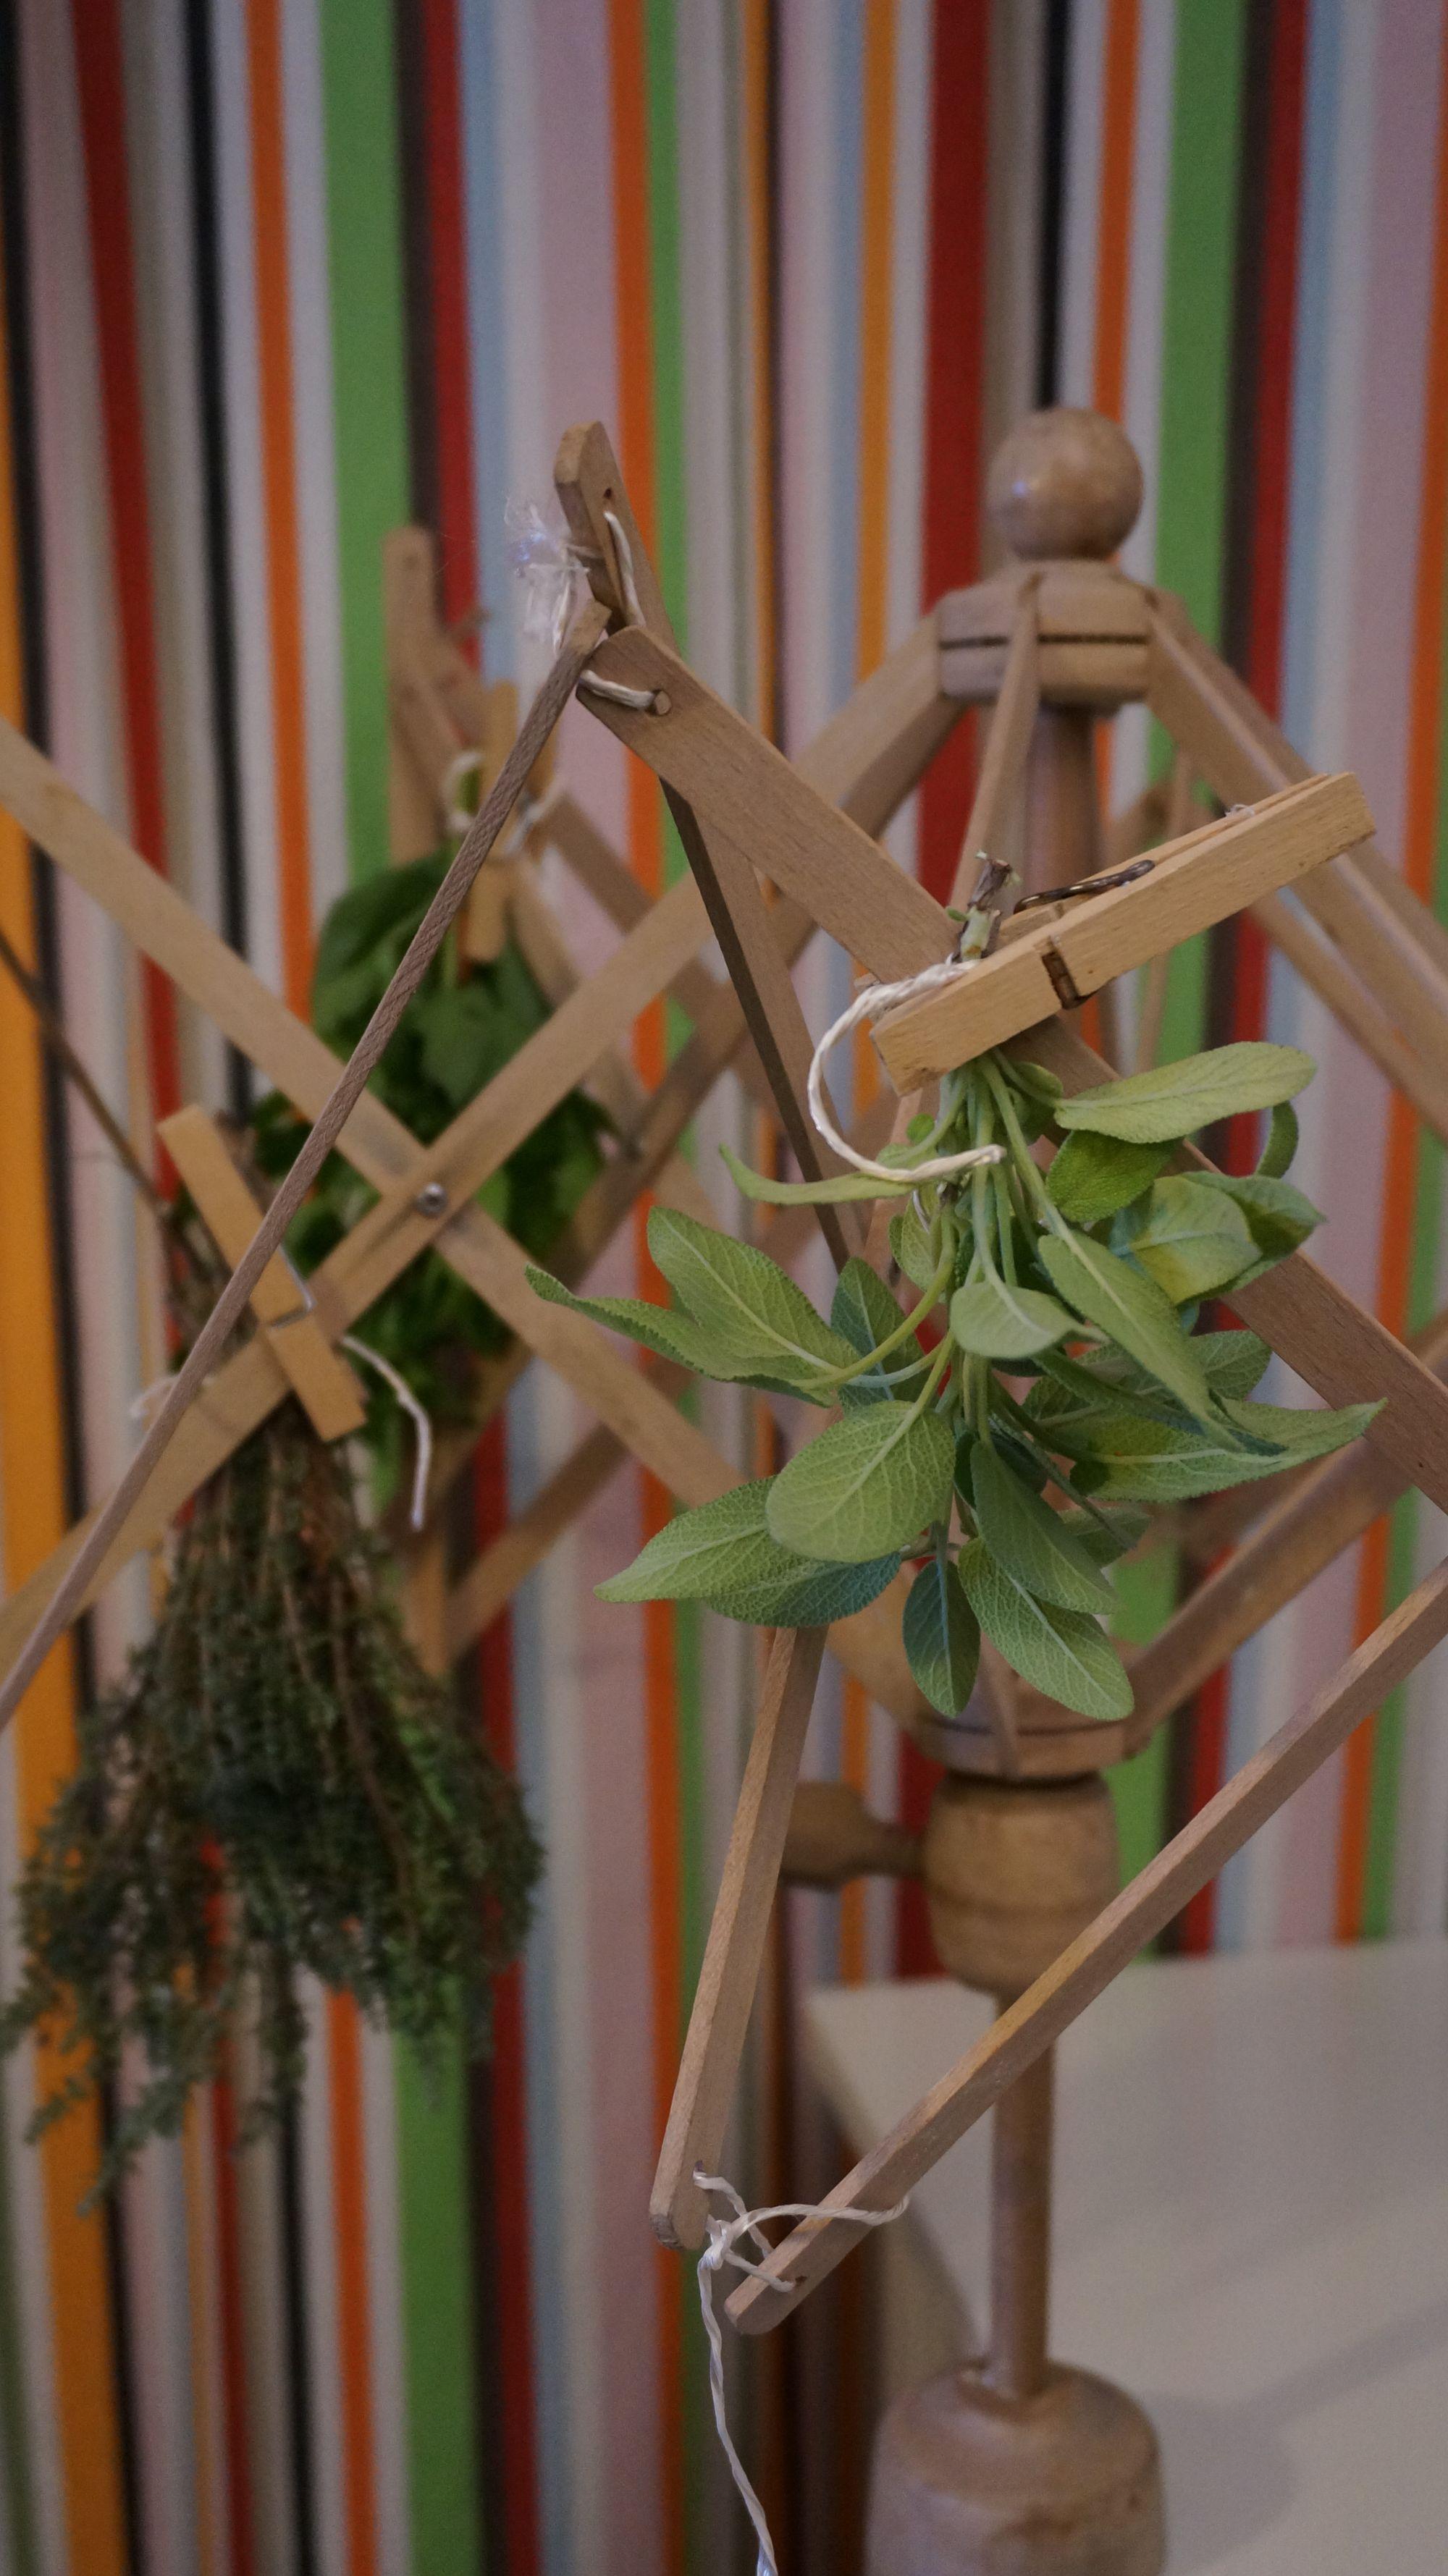 blossom-zine-ricola-essicare-erbe-1